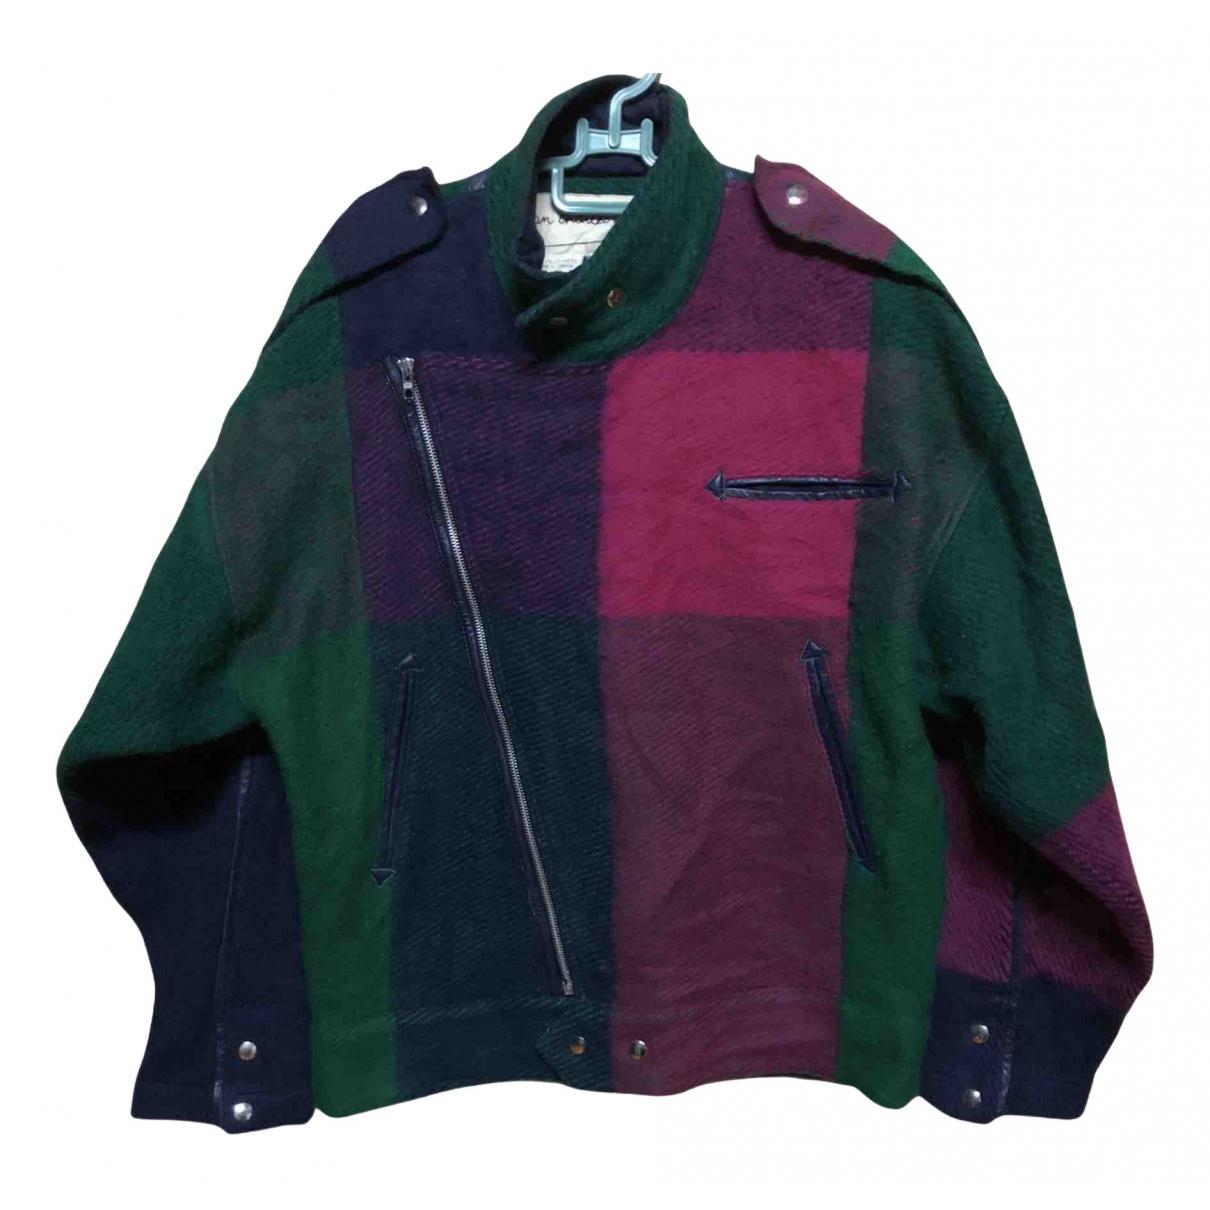 Jc De Castelbajac - Vestes.Blousons   pour homme en laine - multicolore